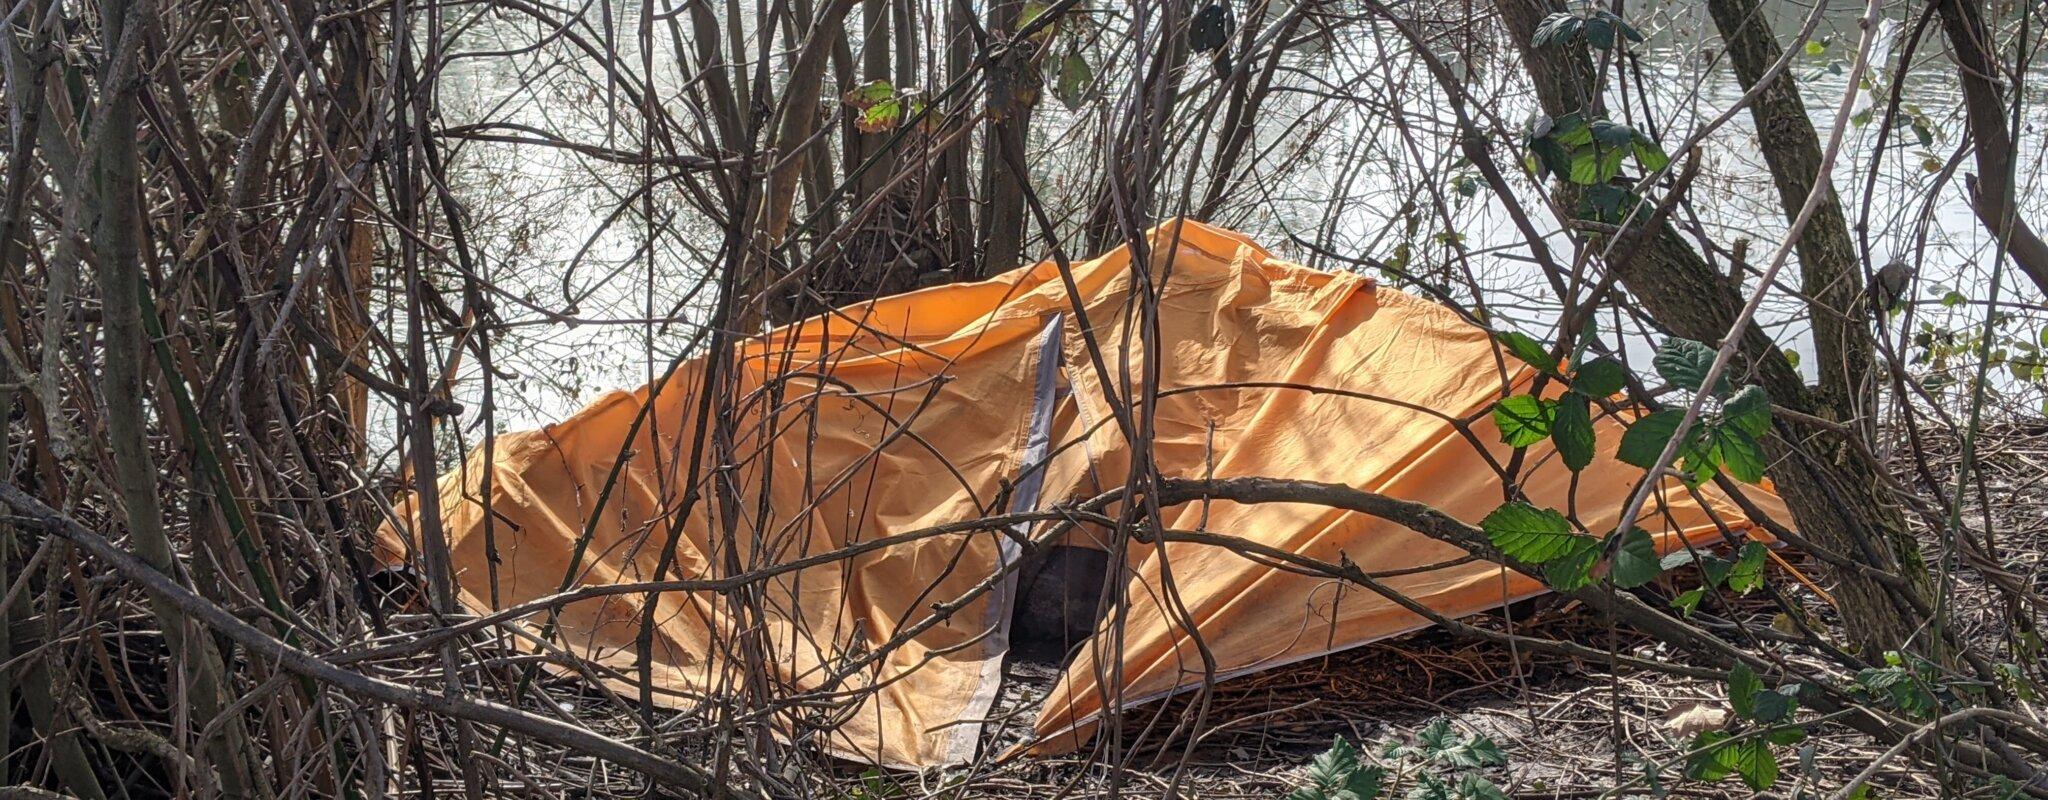 Des associations déplorent un manque d'hébergement, de toilettes et de lieux de répitpour les sans-abri